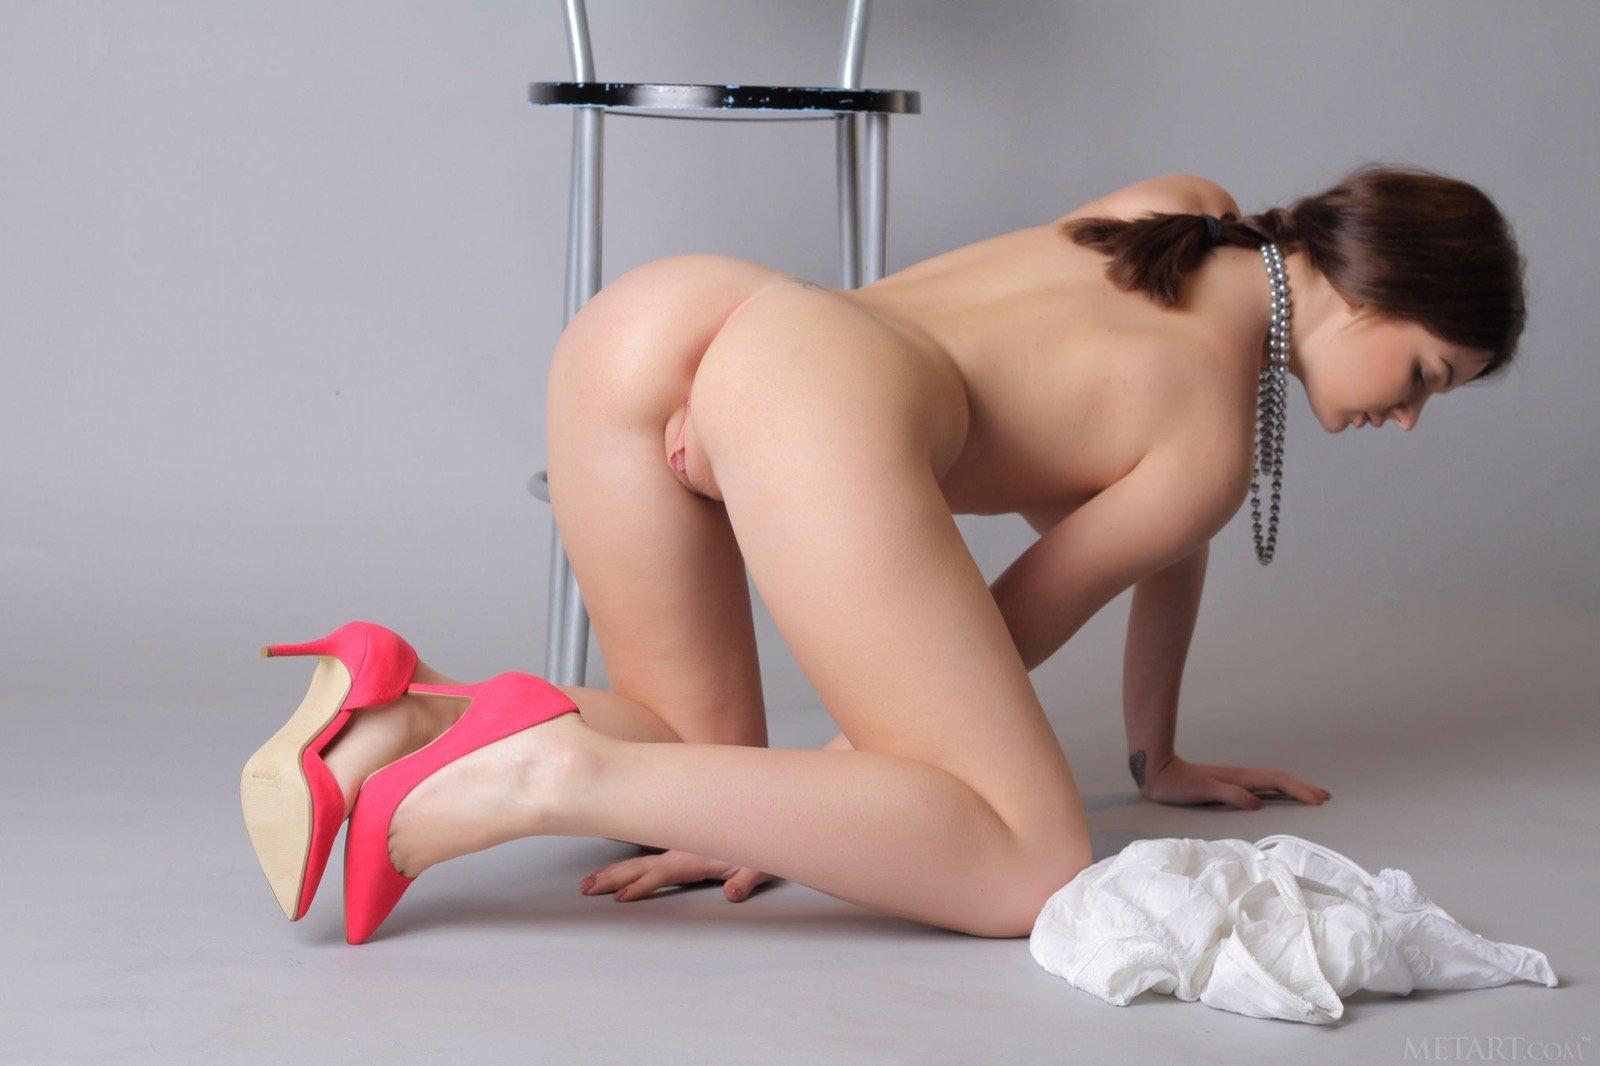 Милашка сняв платье и трусики прогнулась раком на полу